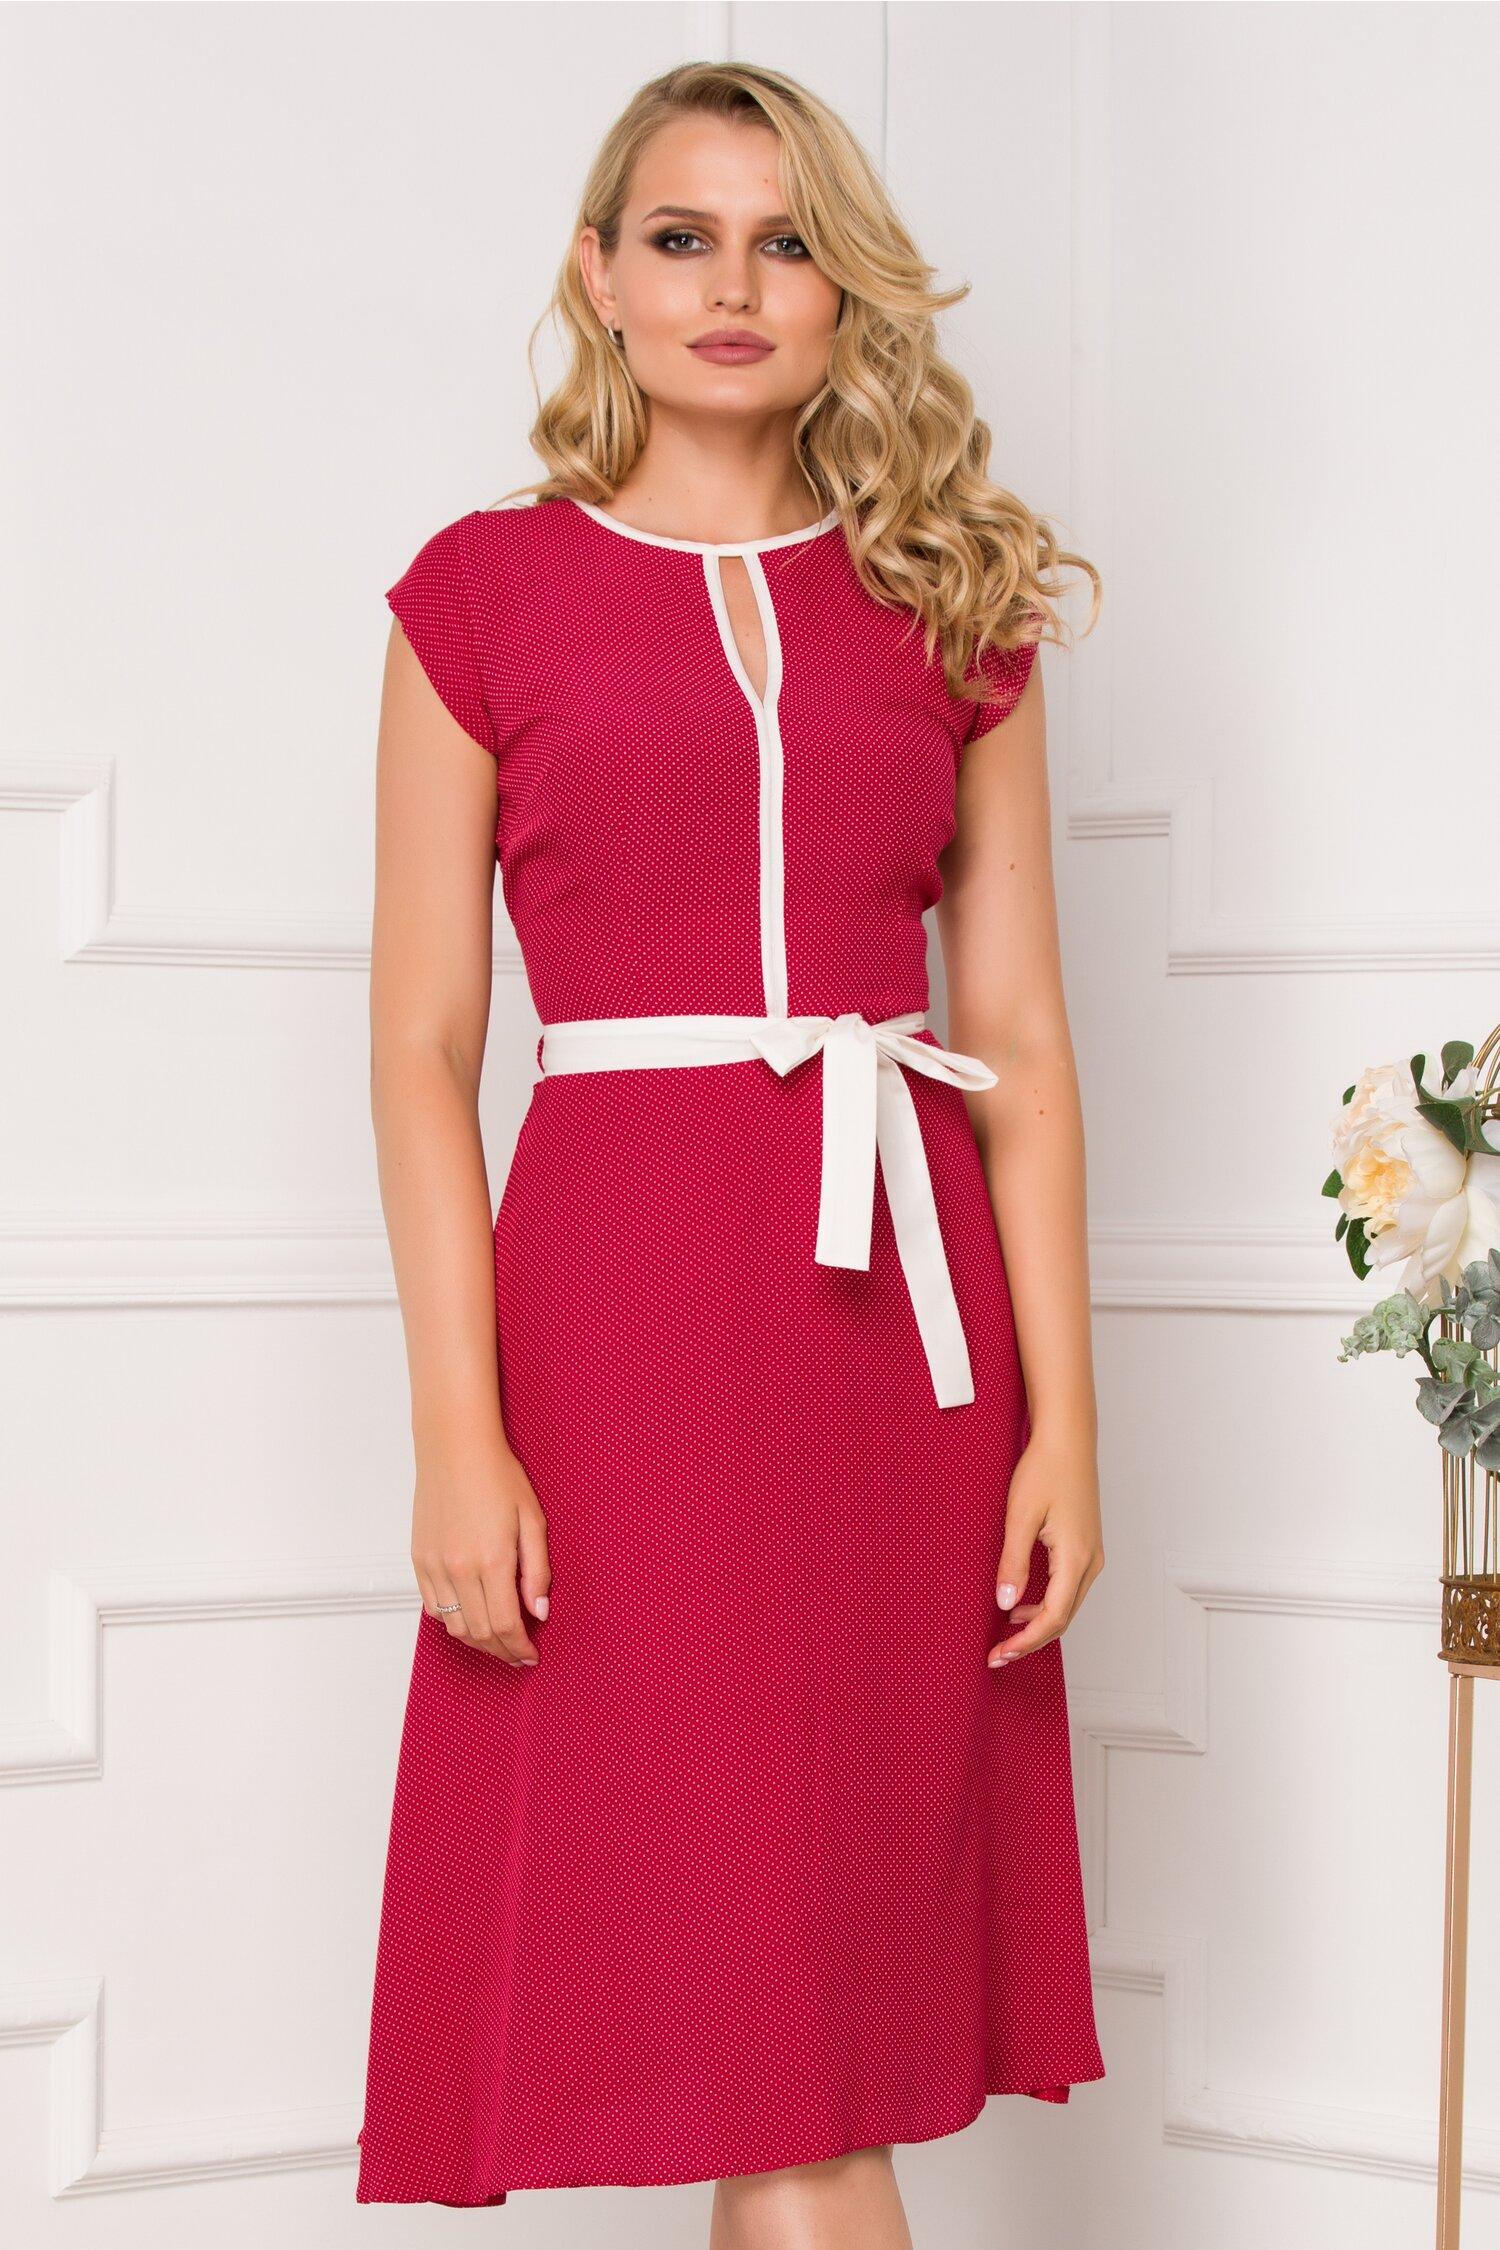 Rochie Nina rosie cu imprimeu cu buline albe mici